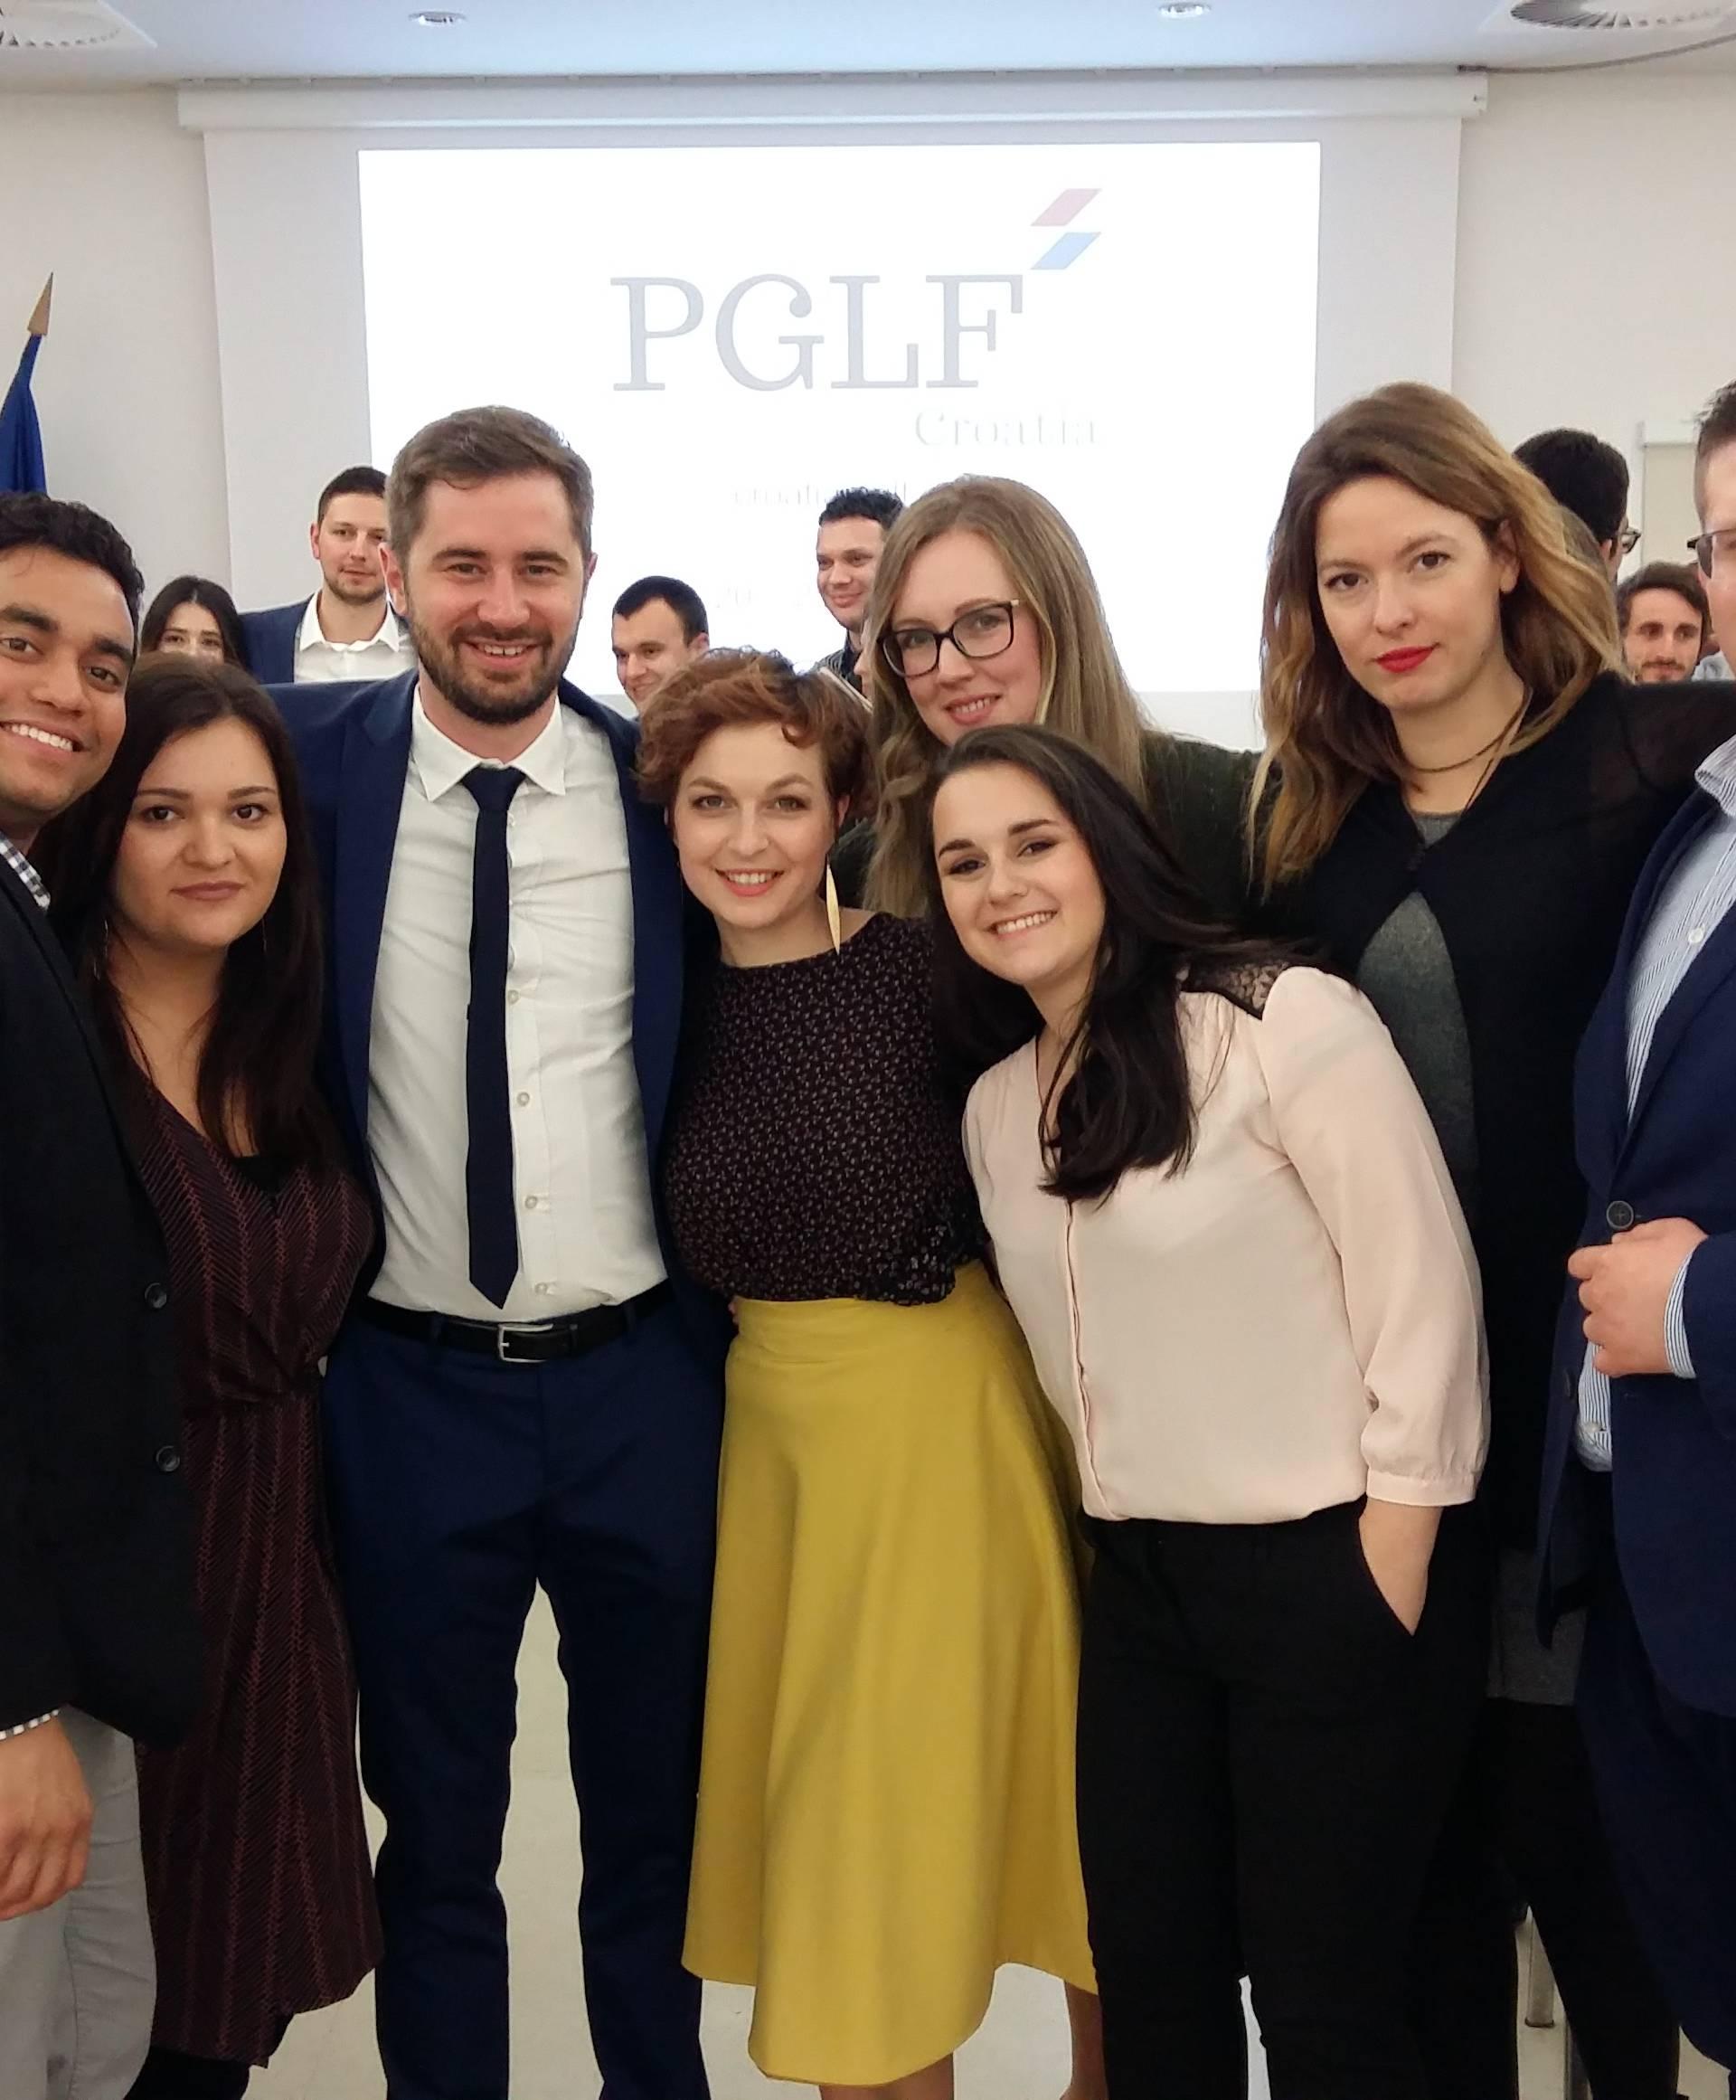 Forum u Splitu: Styria ulaže u razvoj mladih budućih lidera